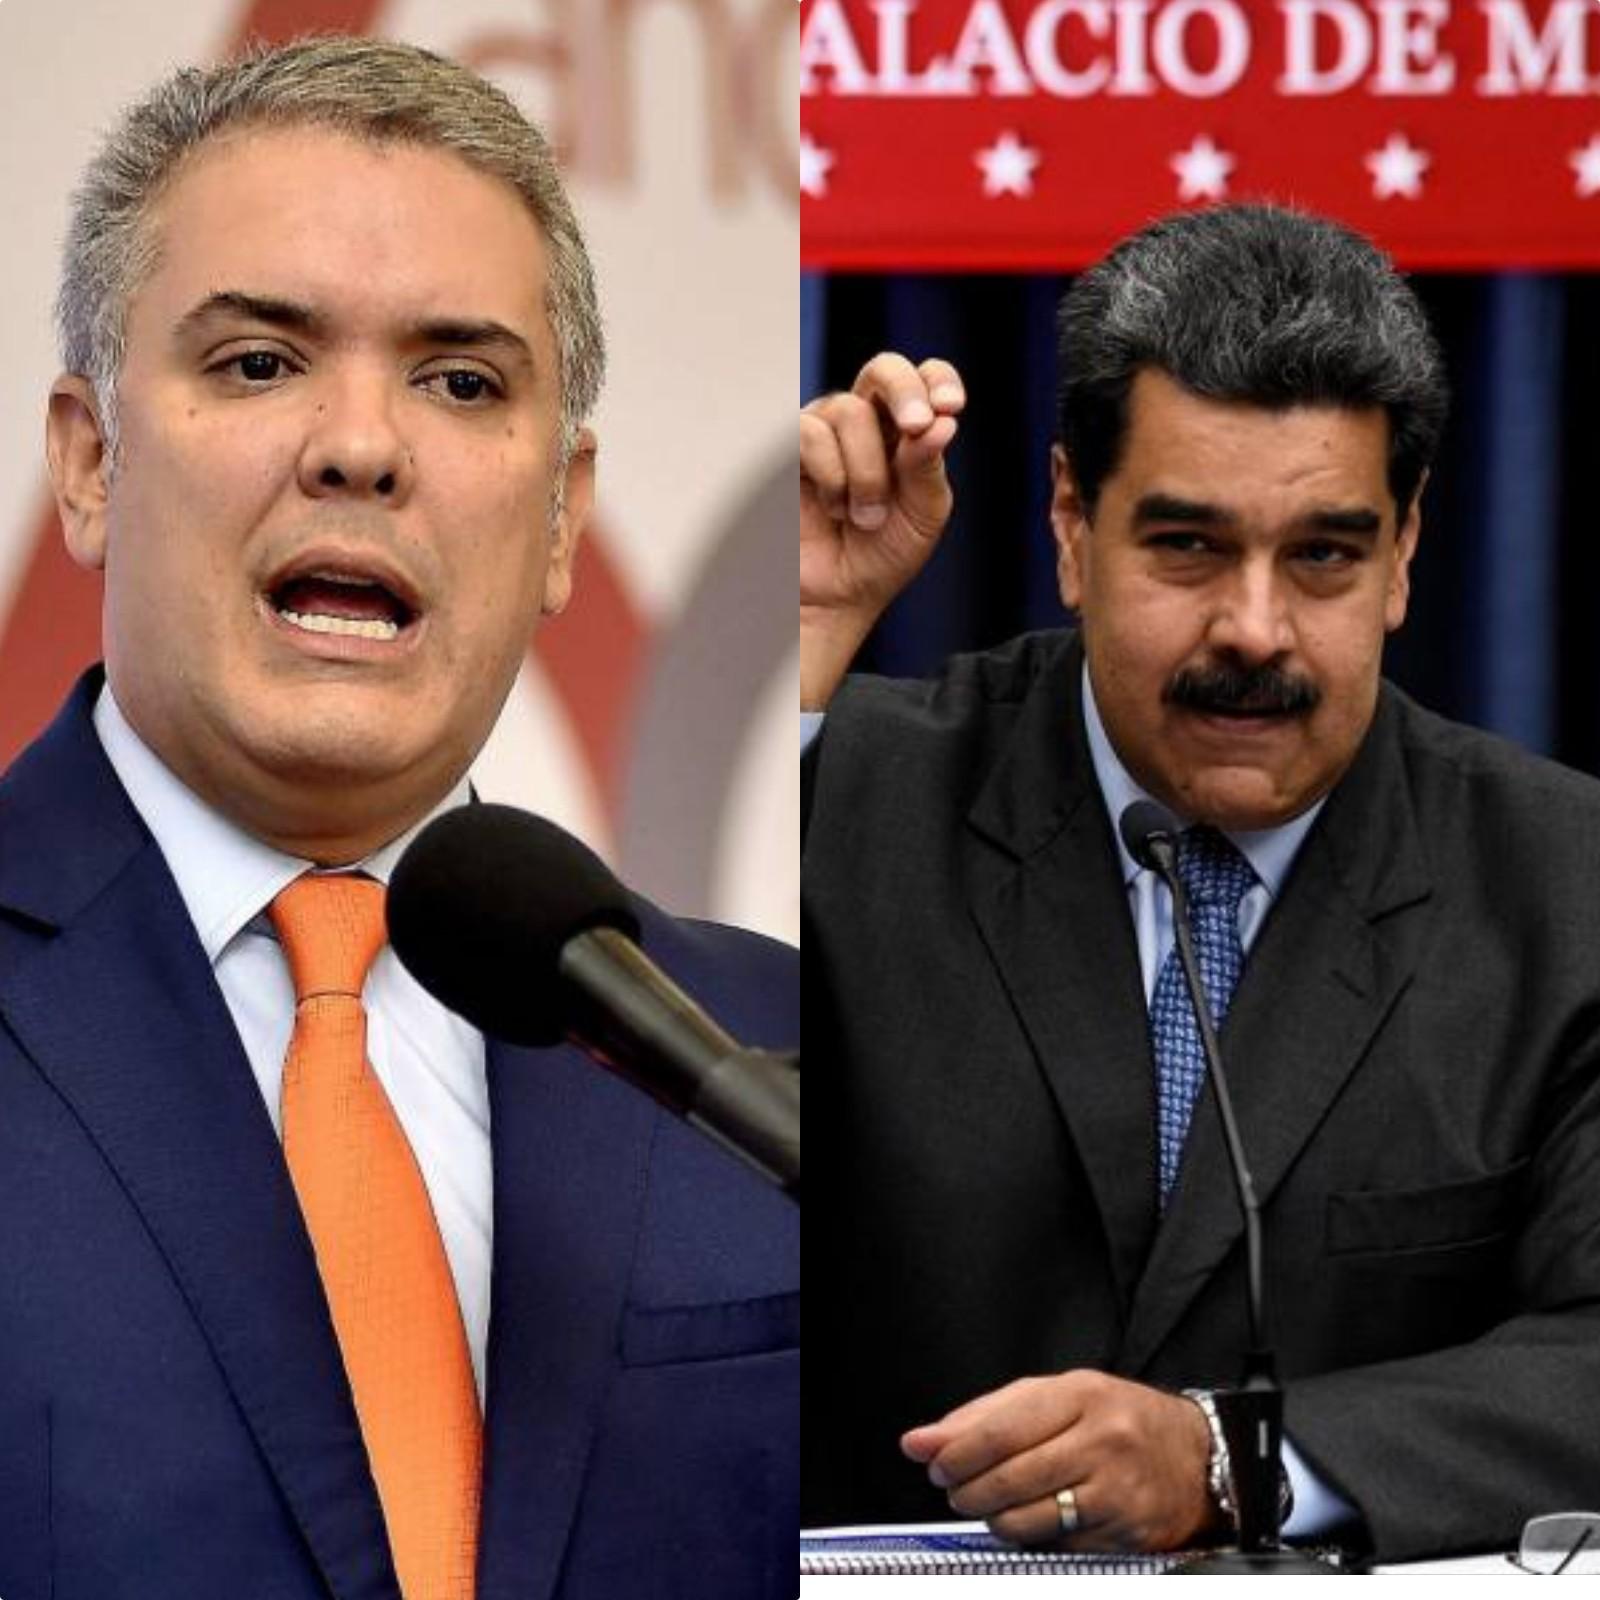 Maduro denuncia al Gobierno colombiano por discriminación y xenofobia